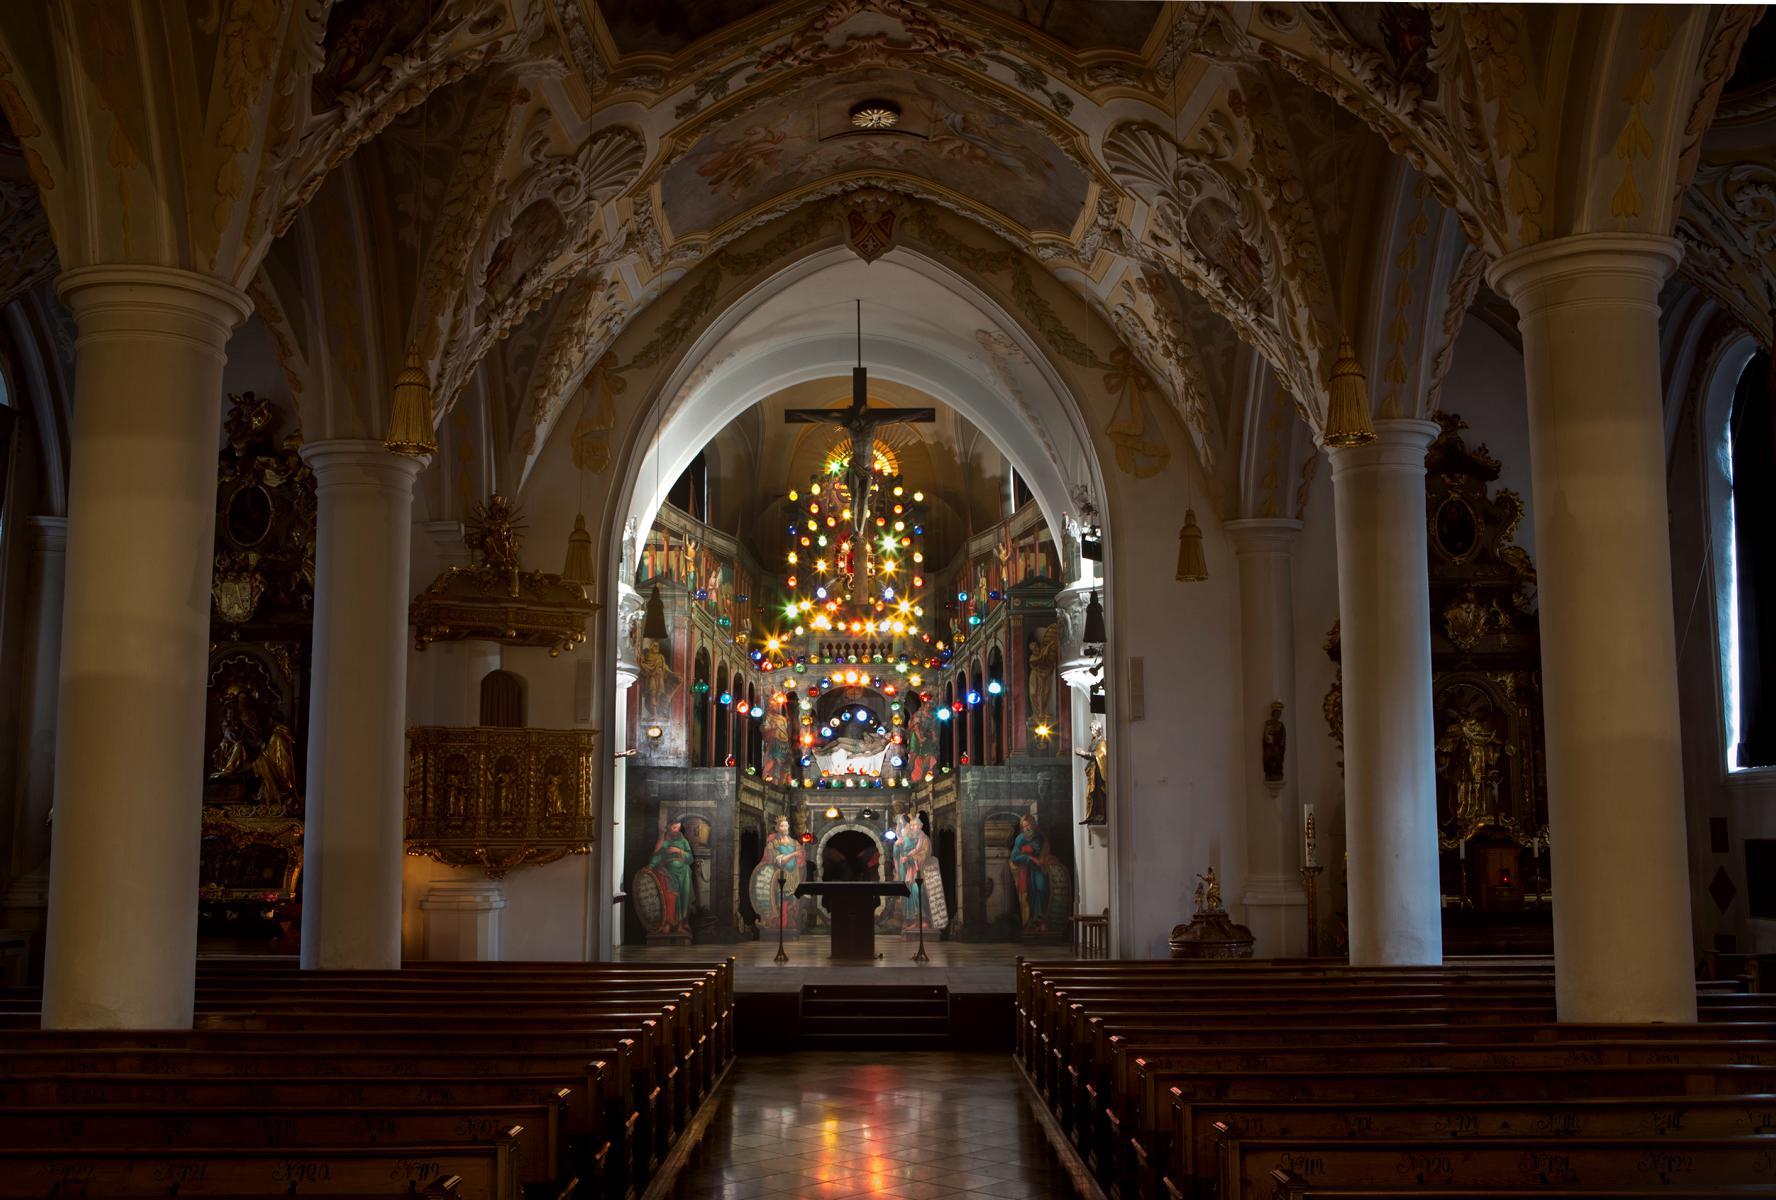 K1600_190308 Pfarrkirche Aschau mit Heiligem Grab 8779_1